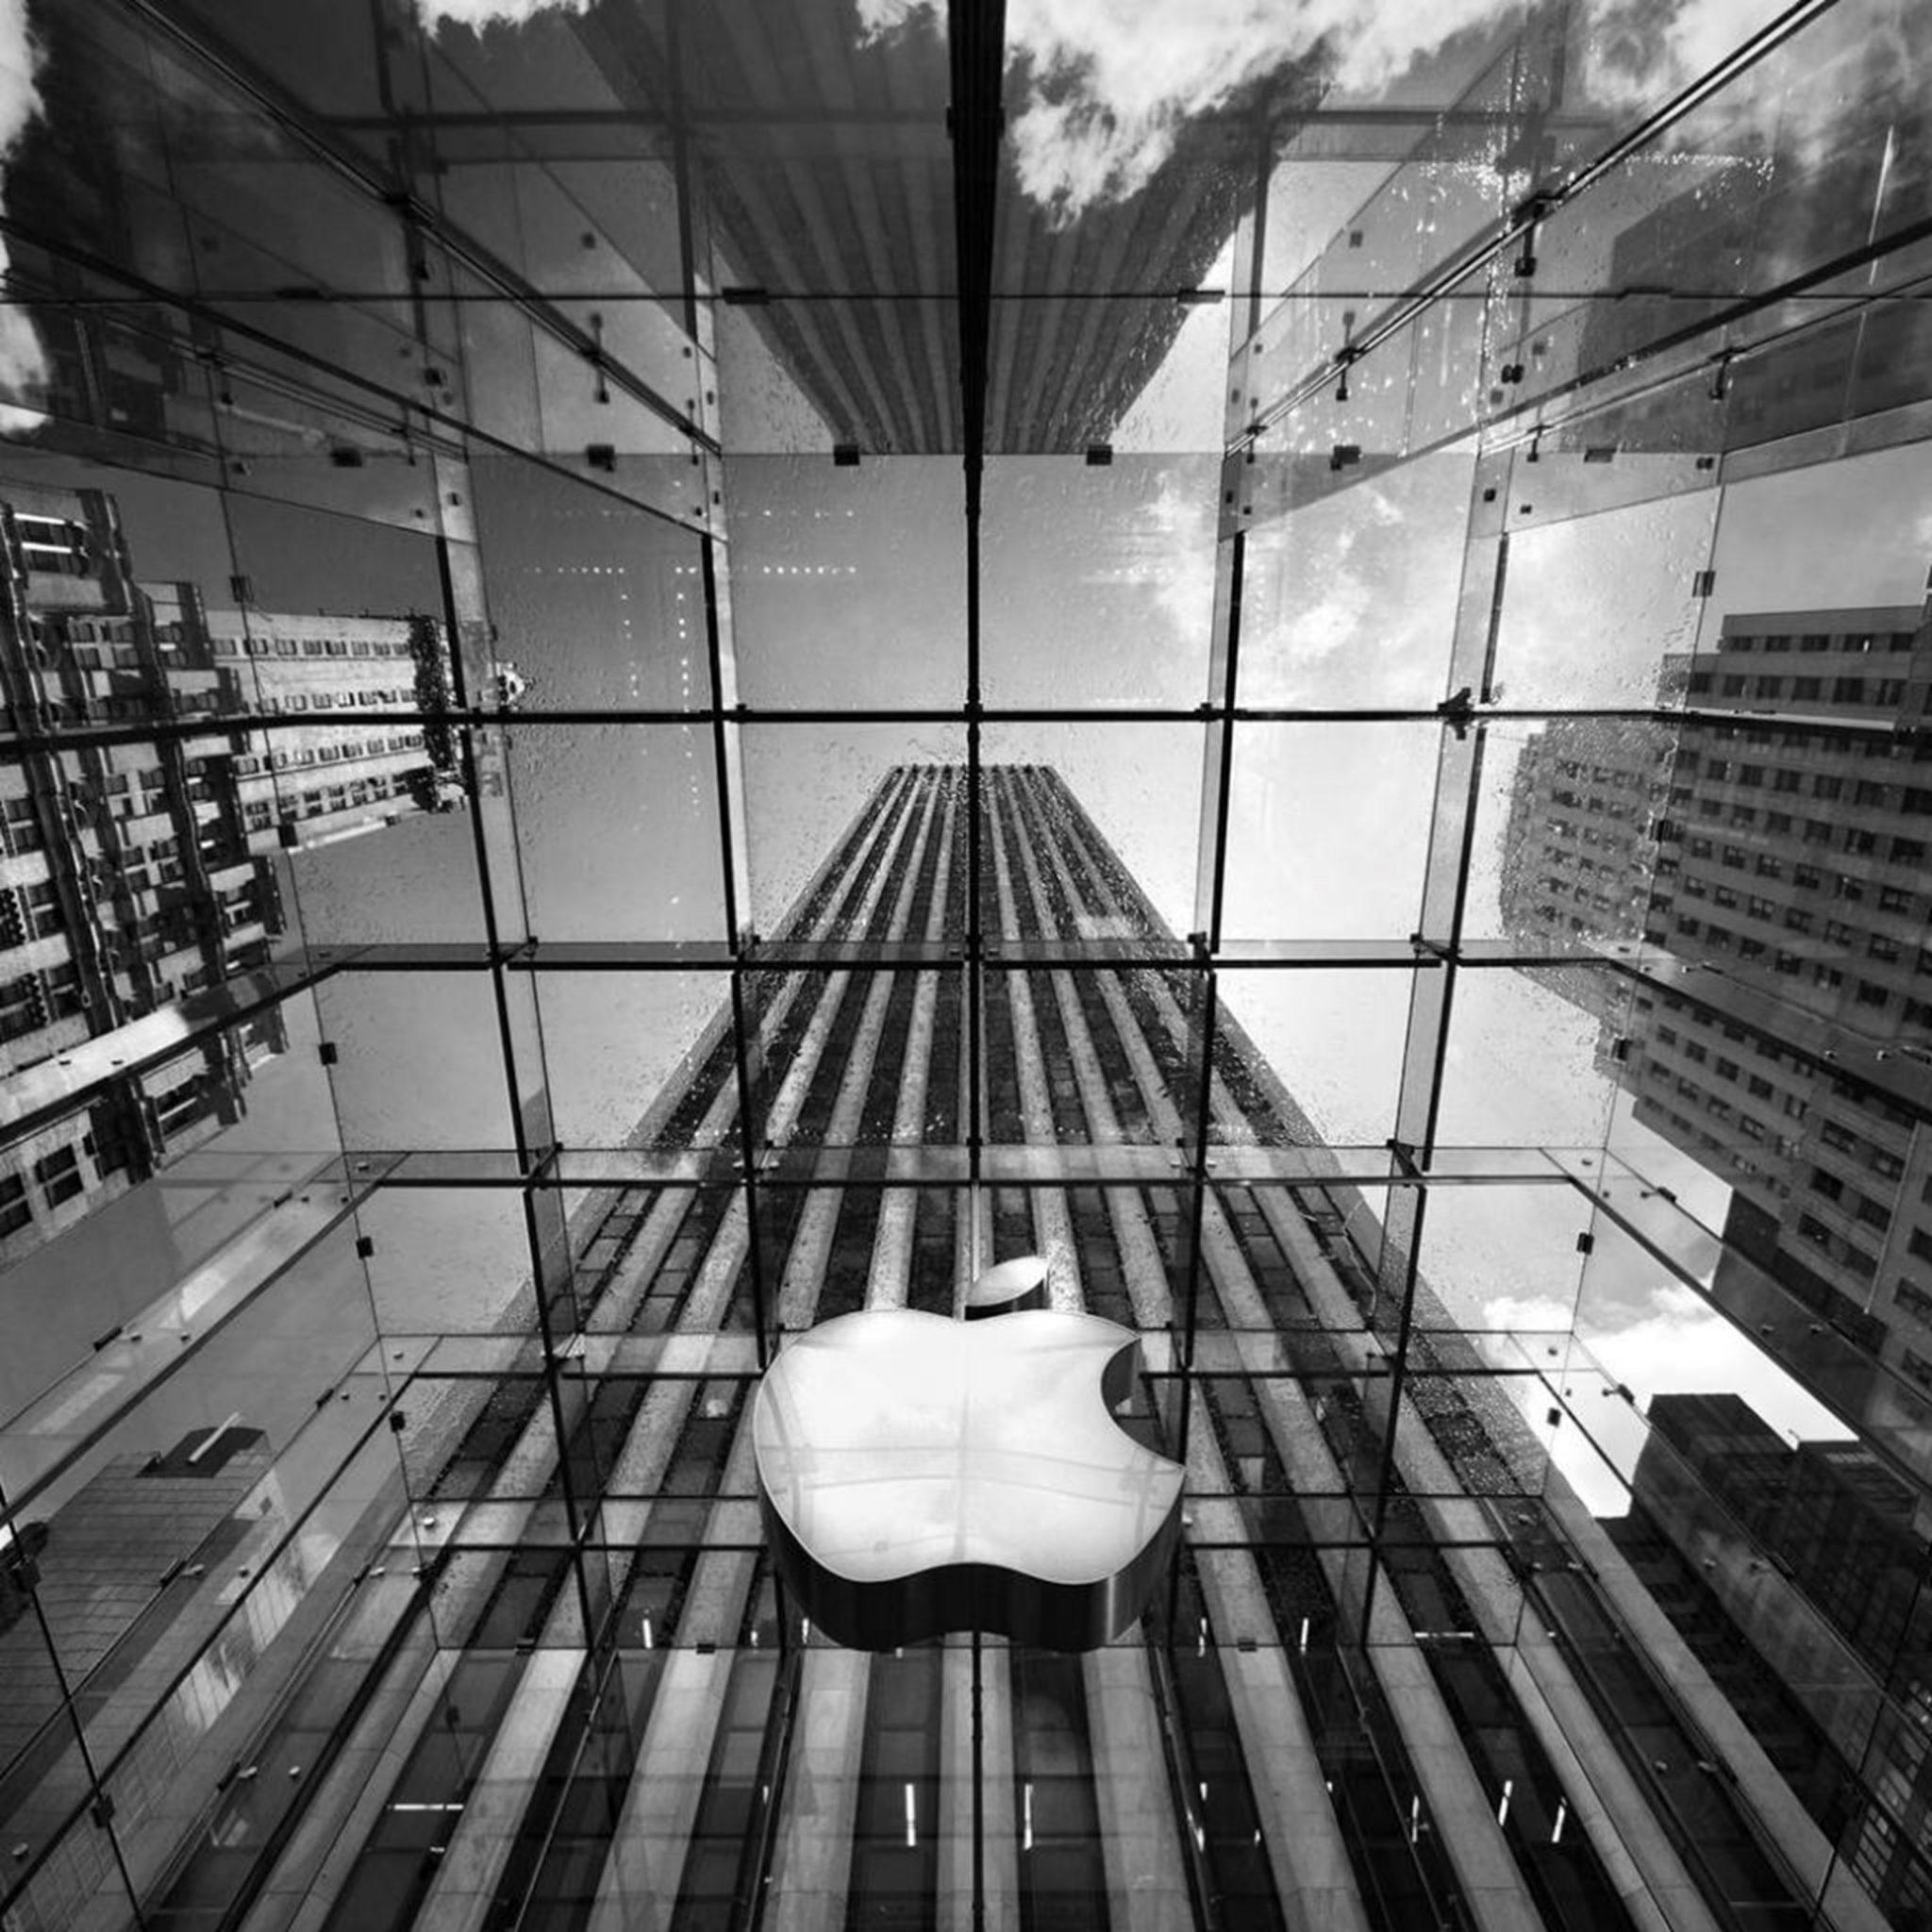 2048x2048 wallpapers iPad retina Apple Store Nyc Ipad Wallpaper 2048x2048 pixels resolution